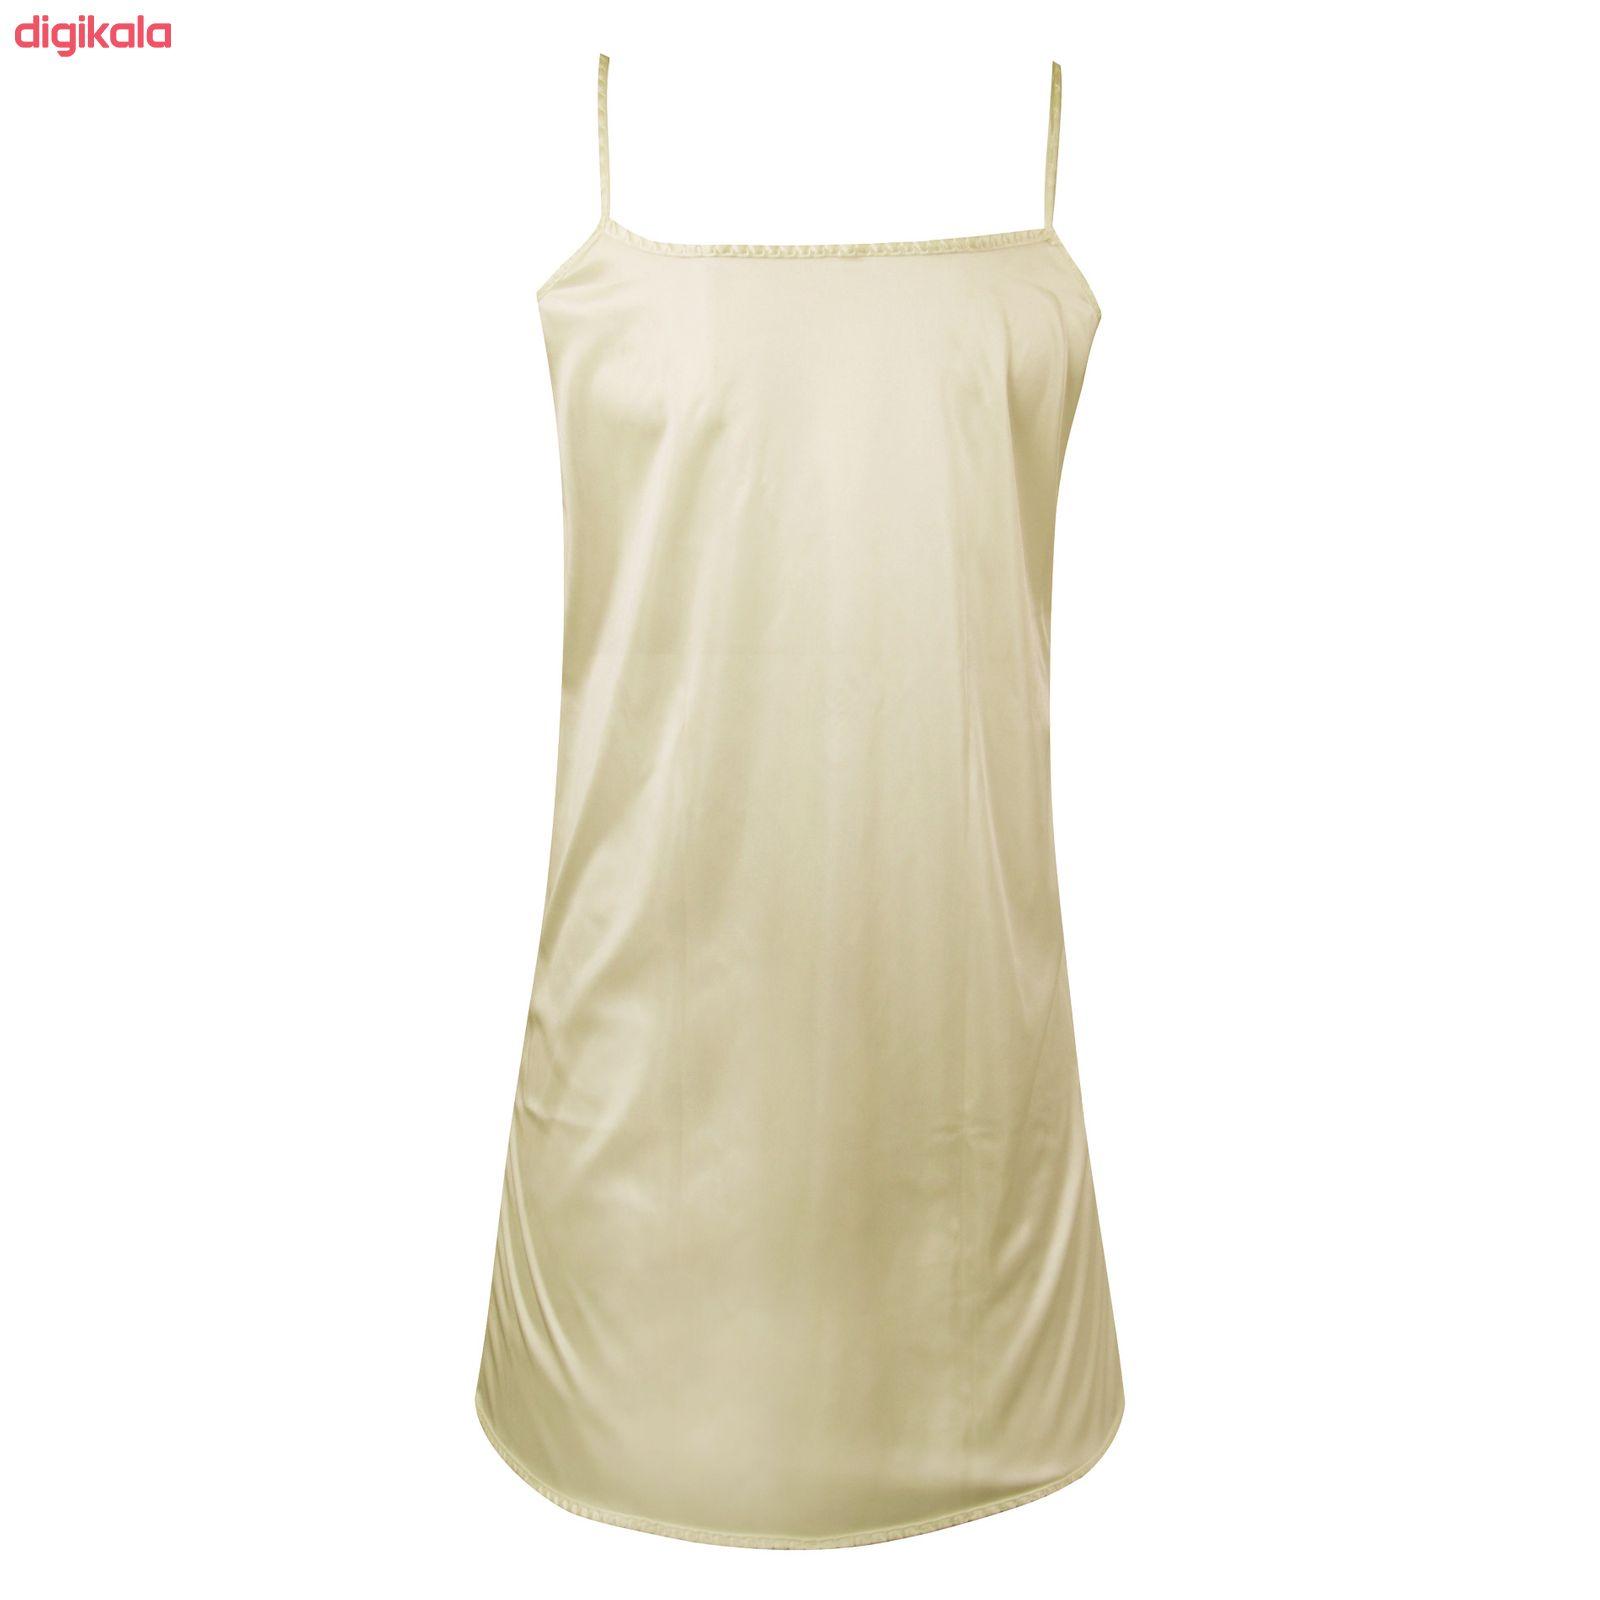 لباس خواب زنانه ماییلدا مدل 3600-1 main 1 2